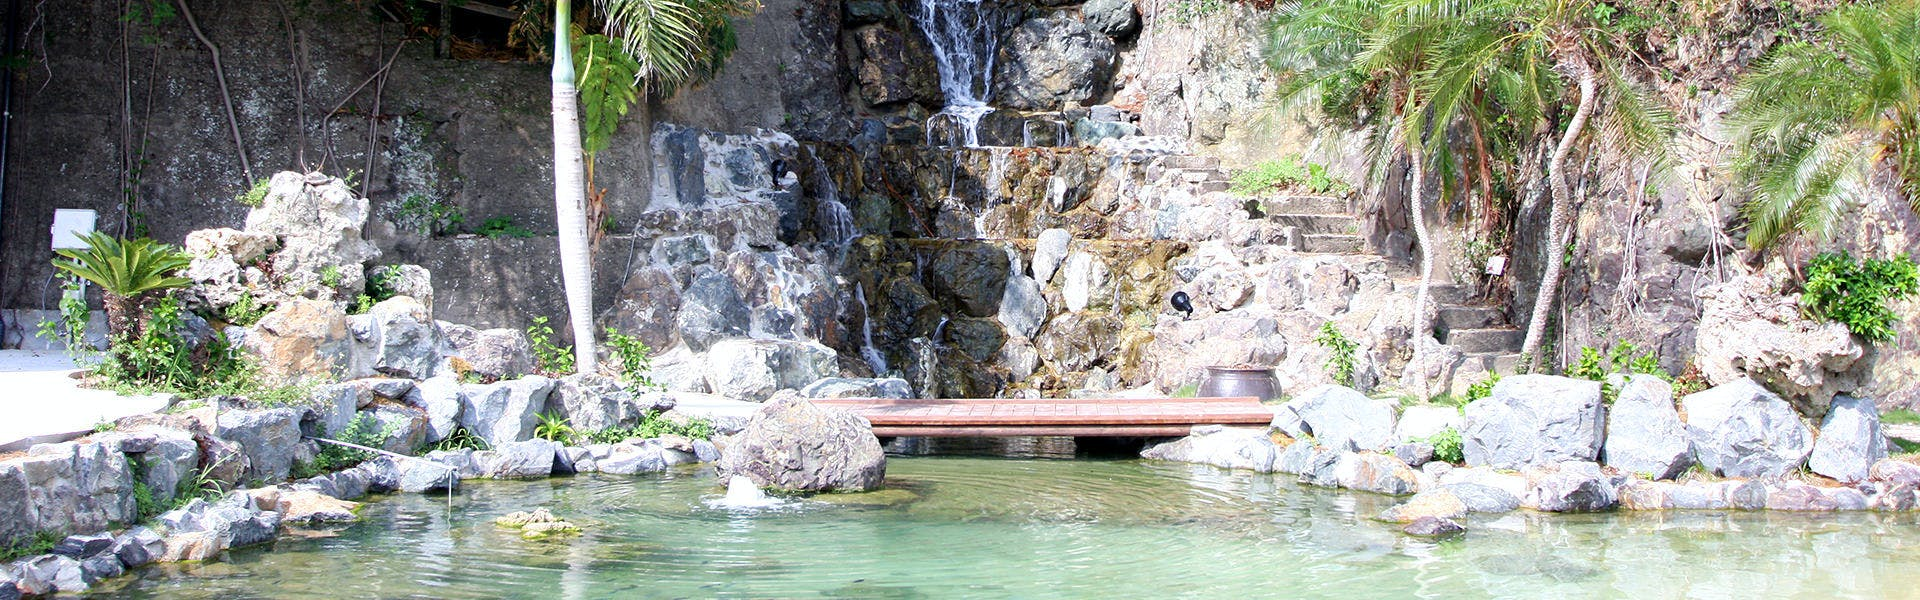 ホテル敷地内海水池